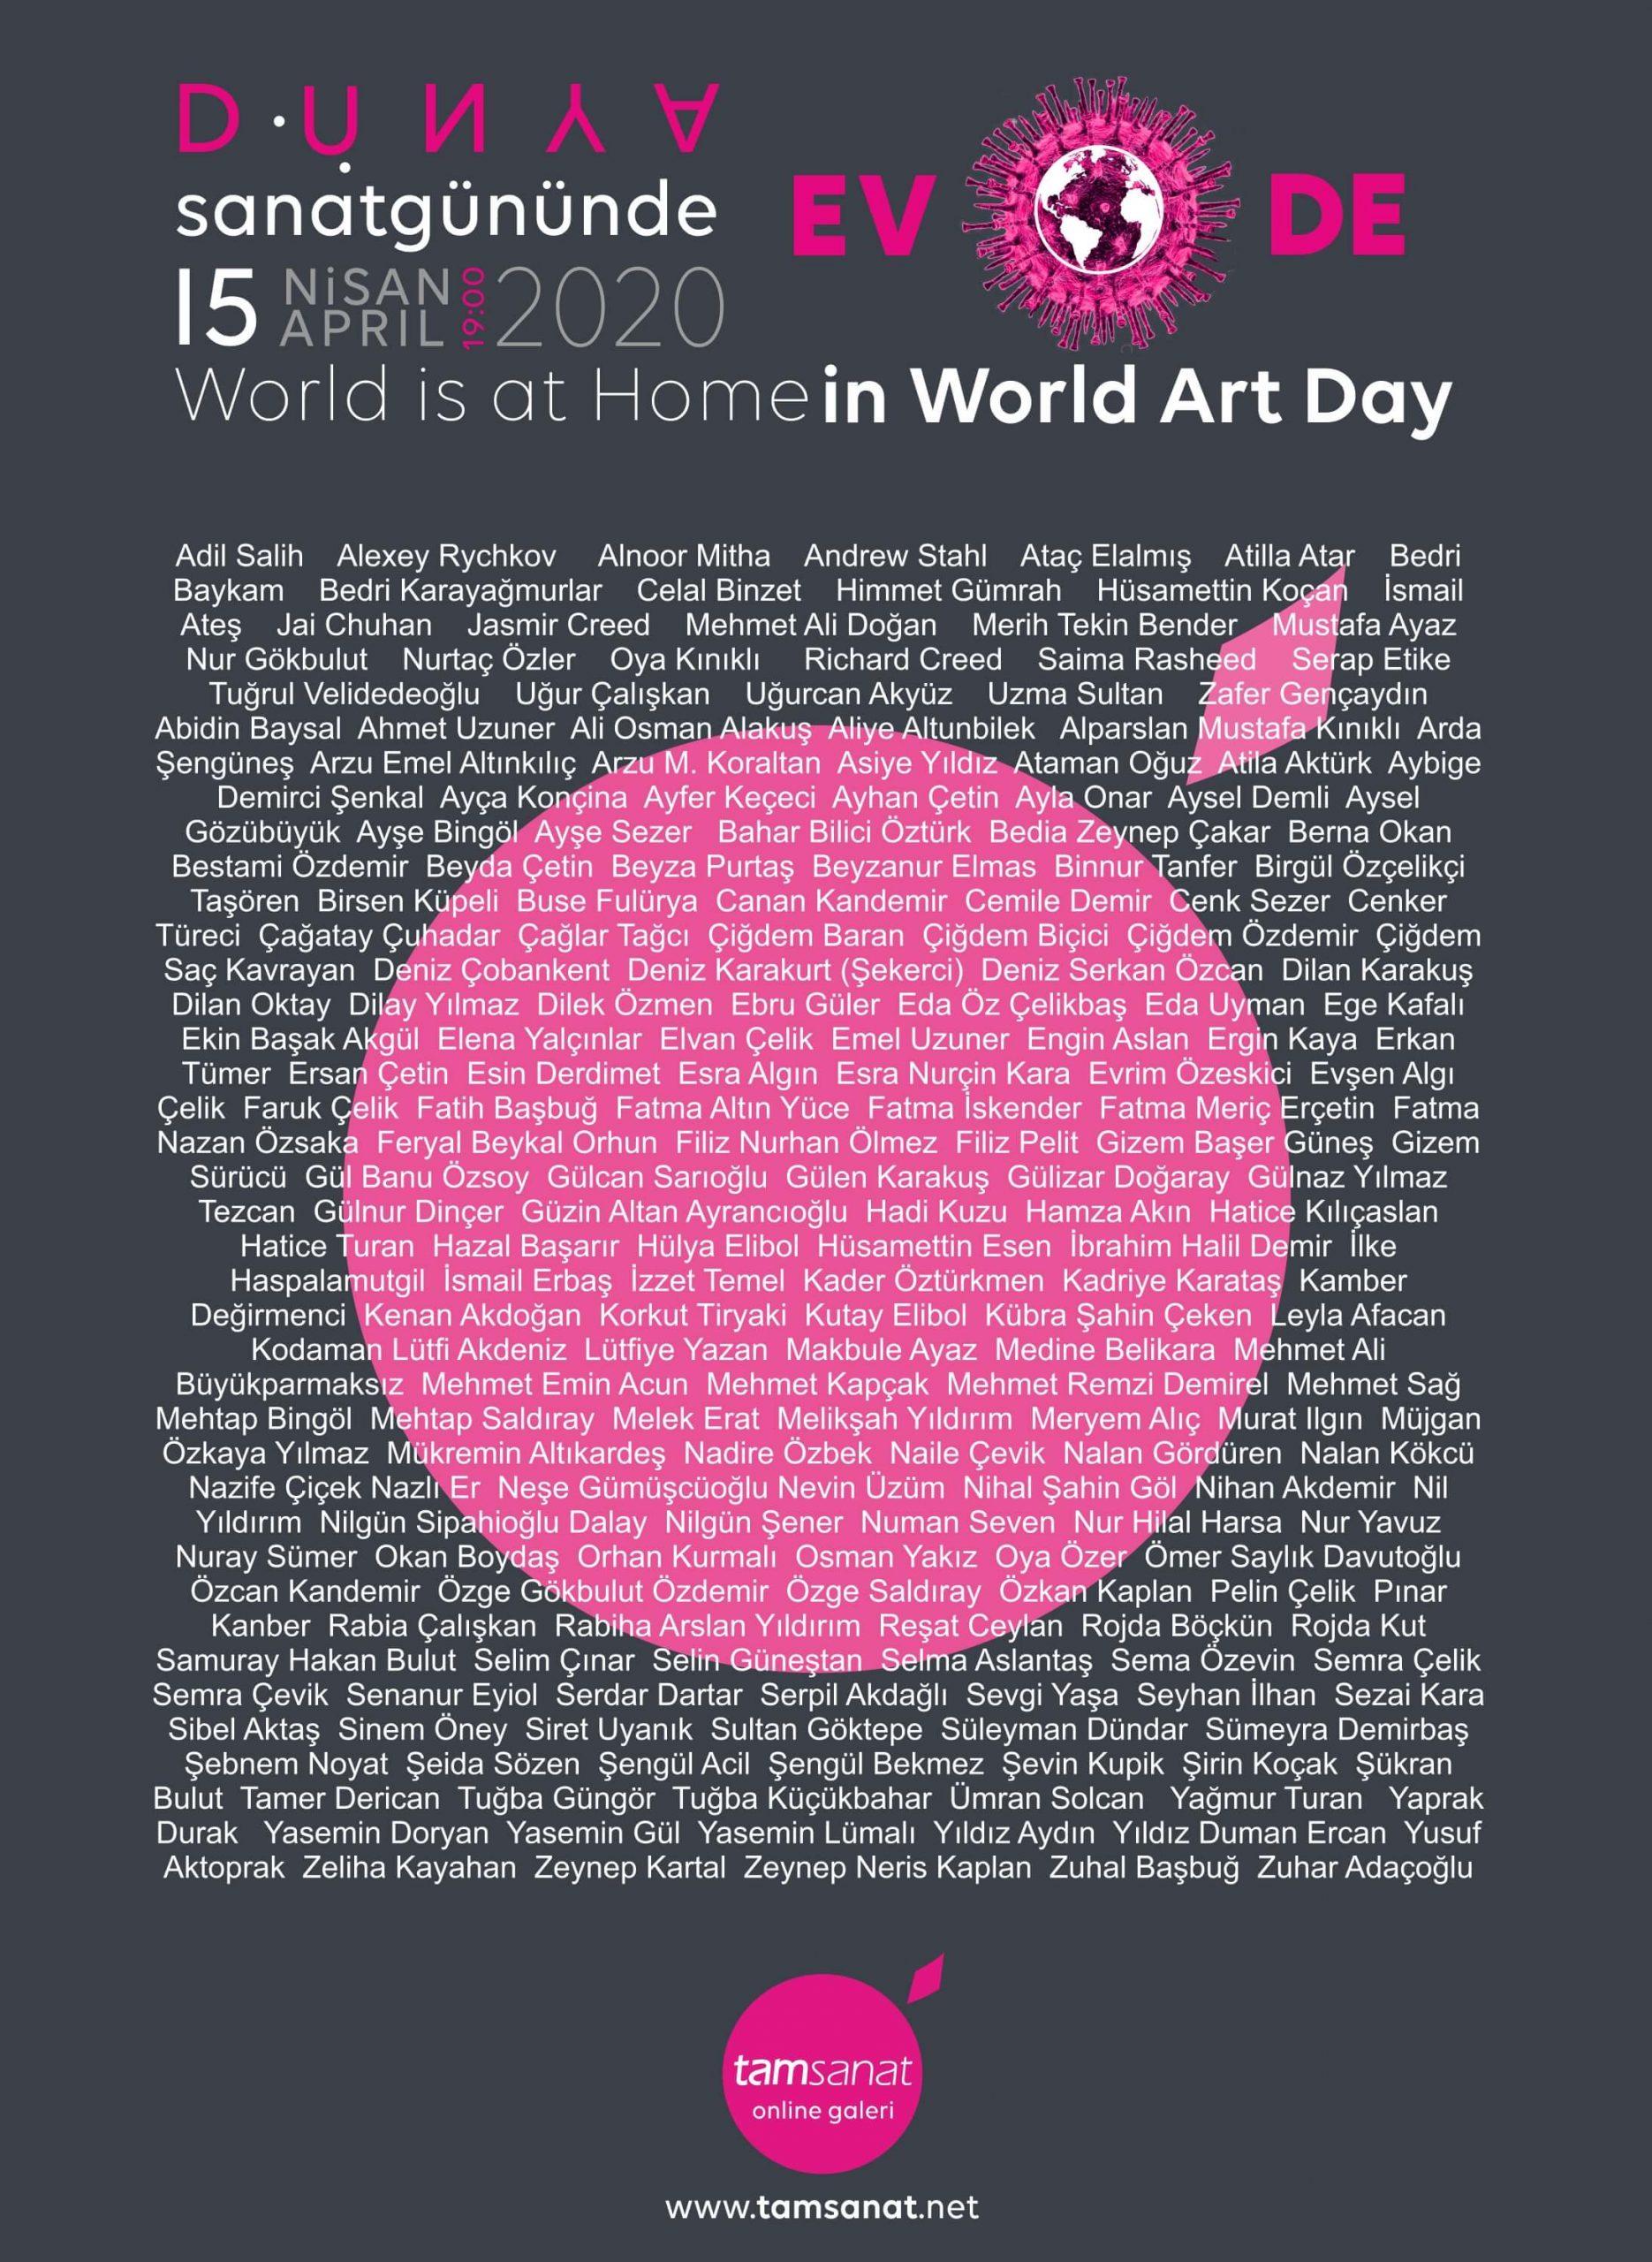 2020 Dünya Sanat Günü Online Sergi sanatçılar